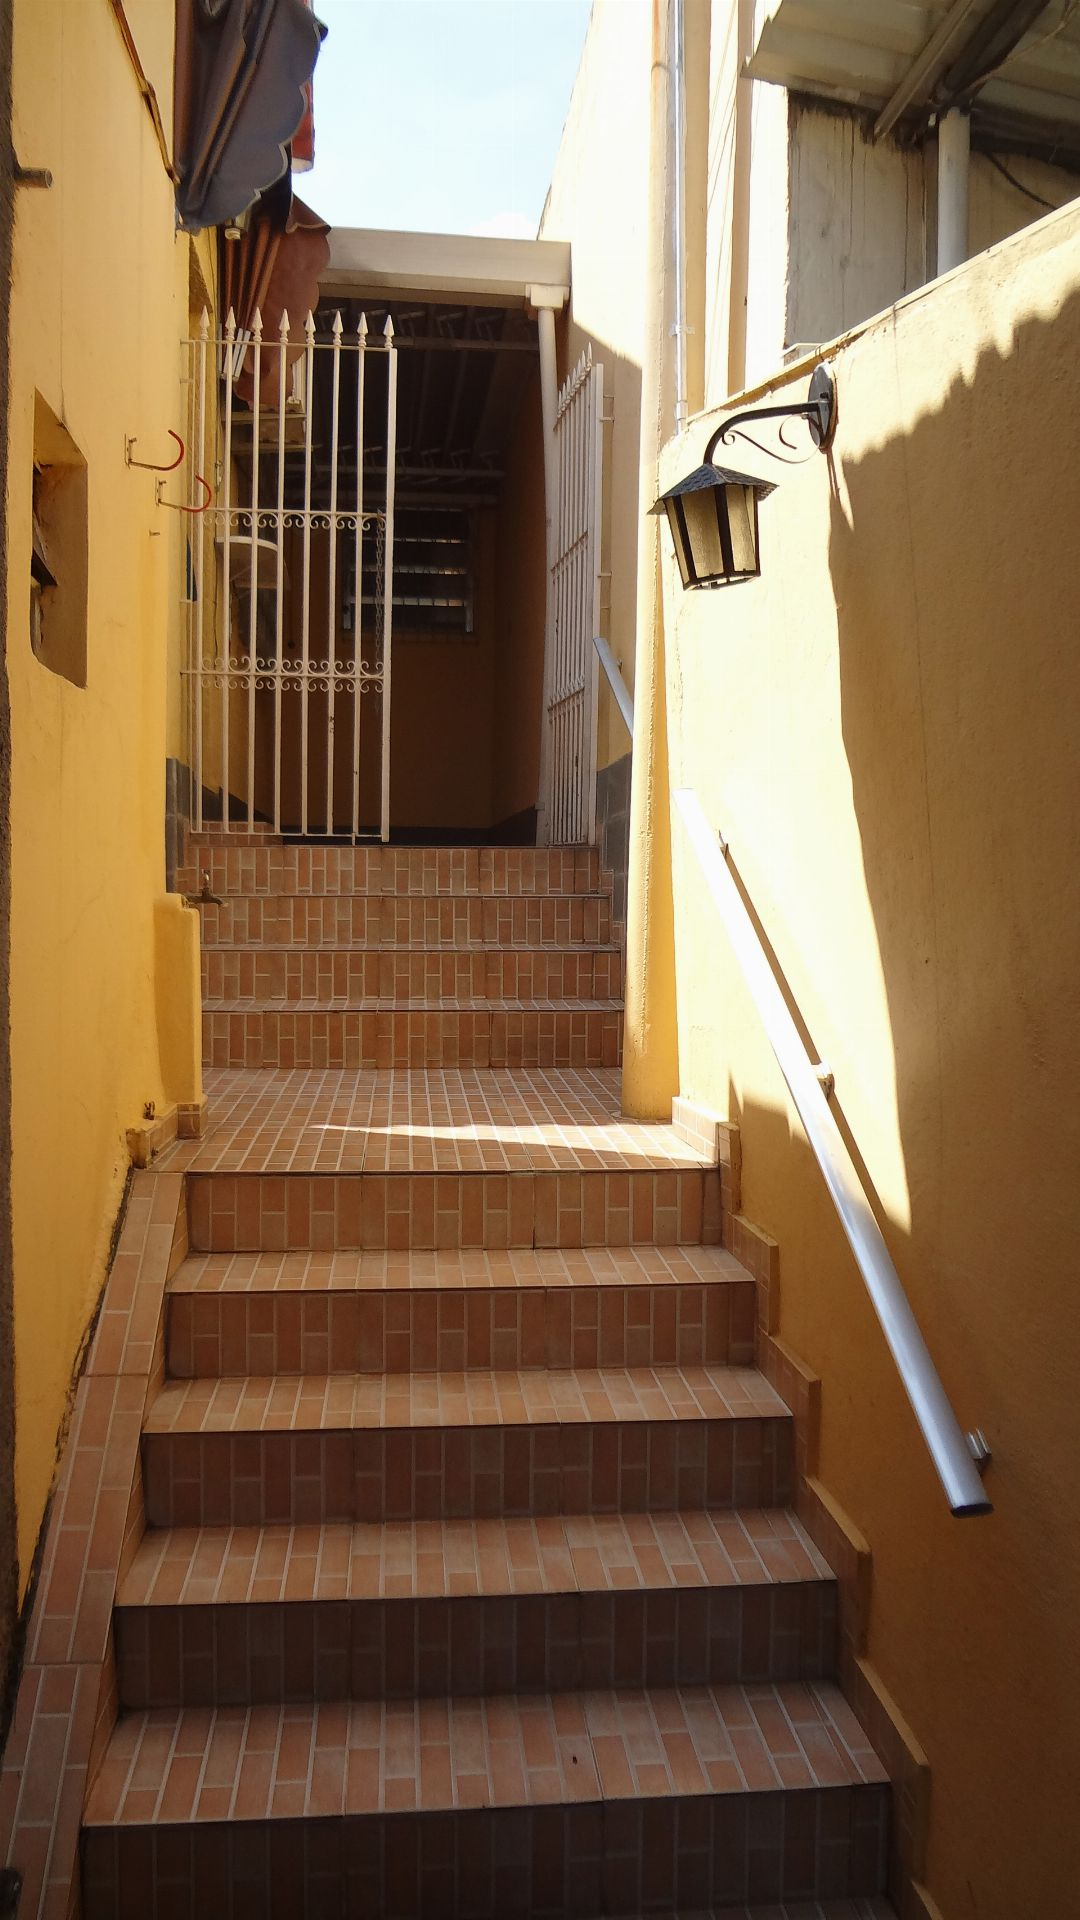 Entrada - Casa Para Venda ou Aluguel - Higienópolis - Rio de Janeiro - RJ - 724 - 2